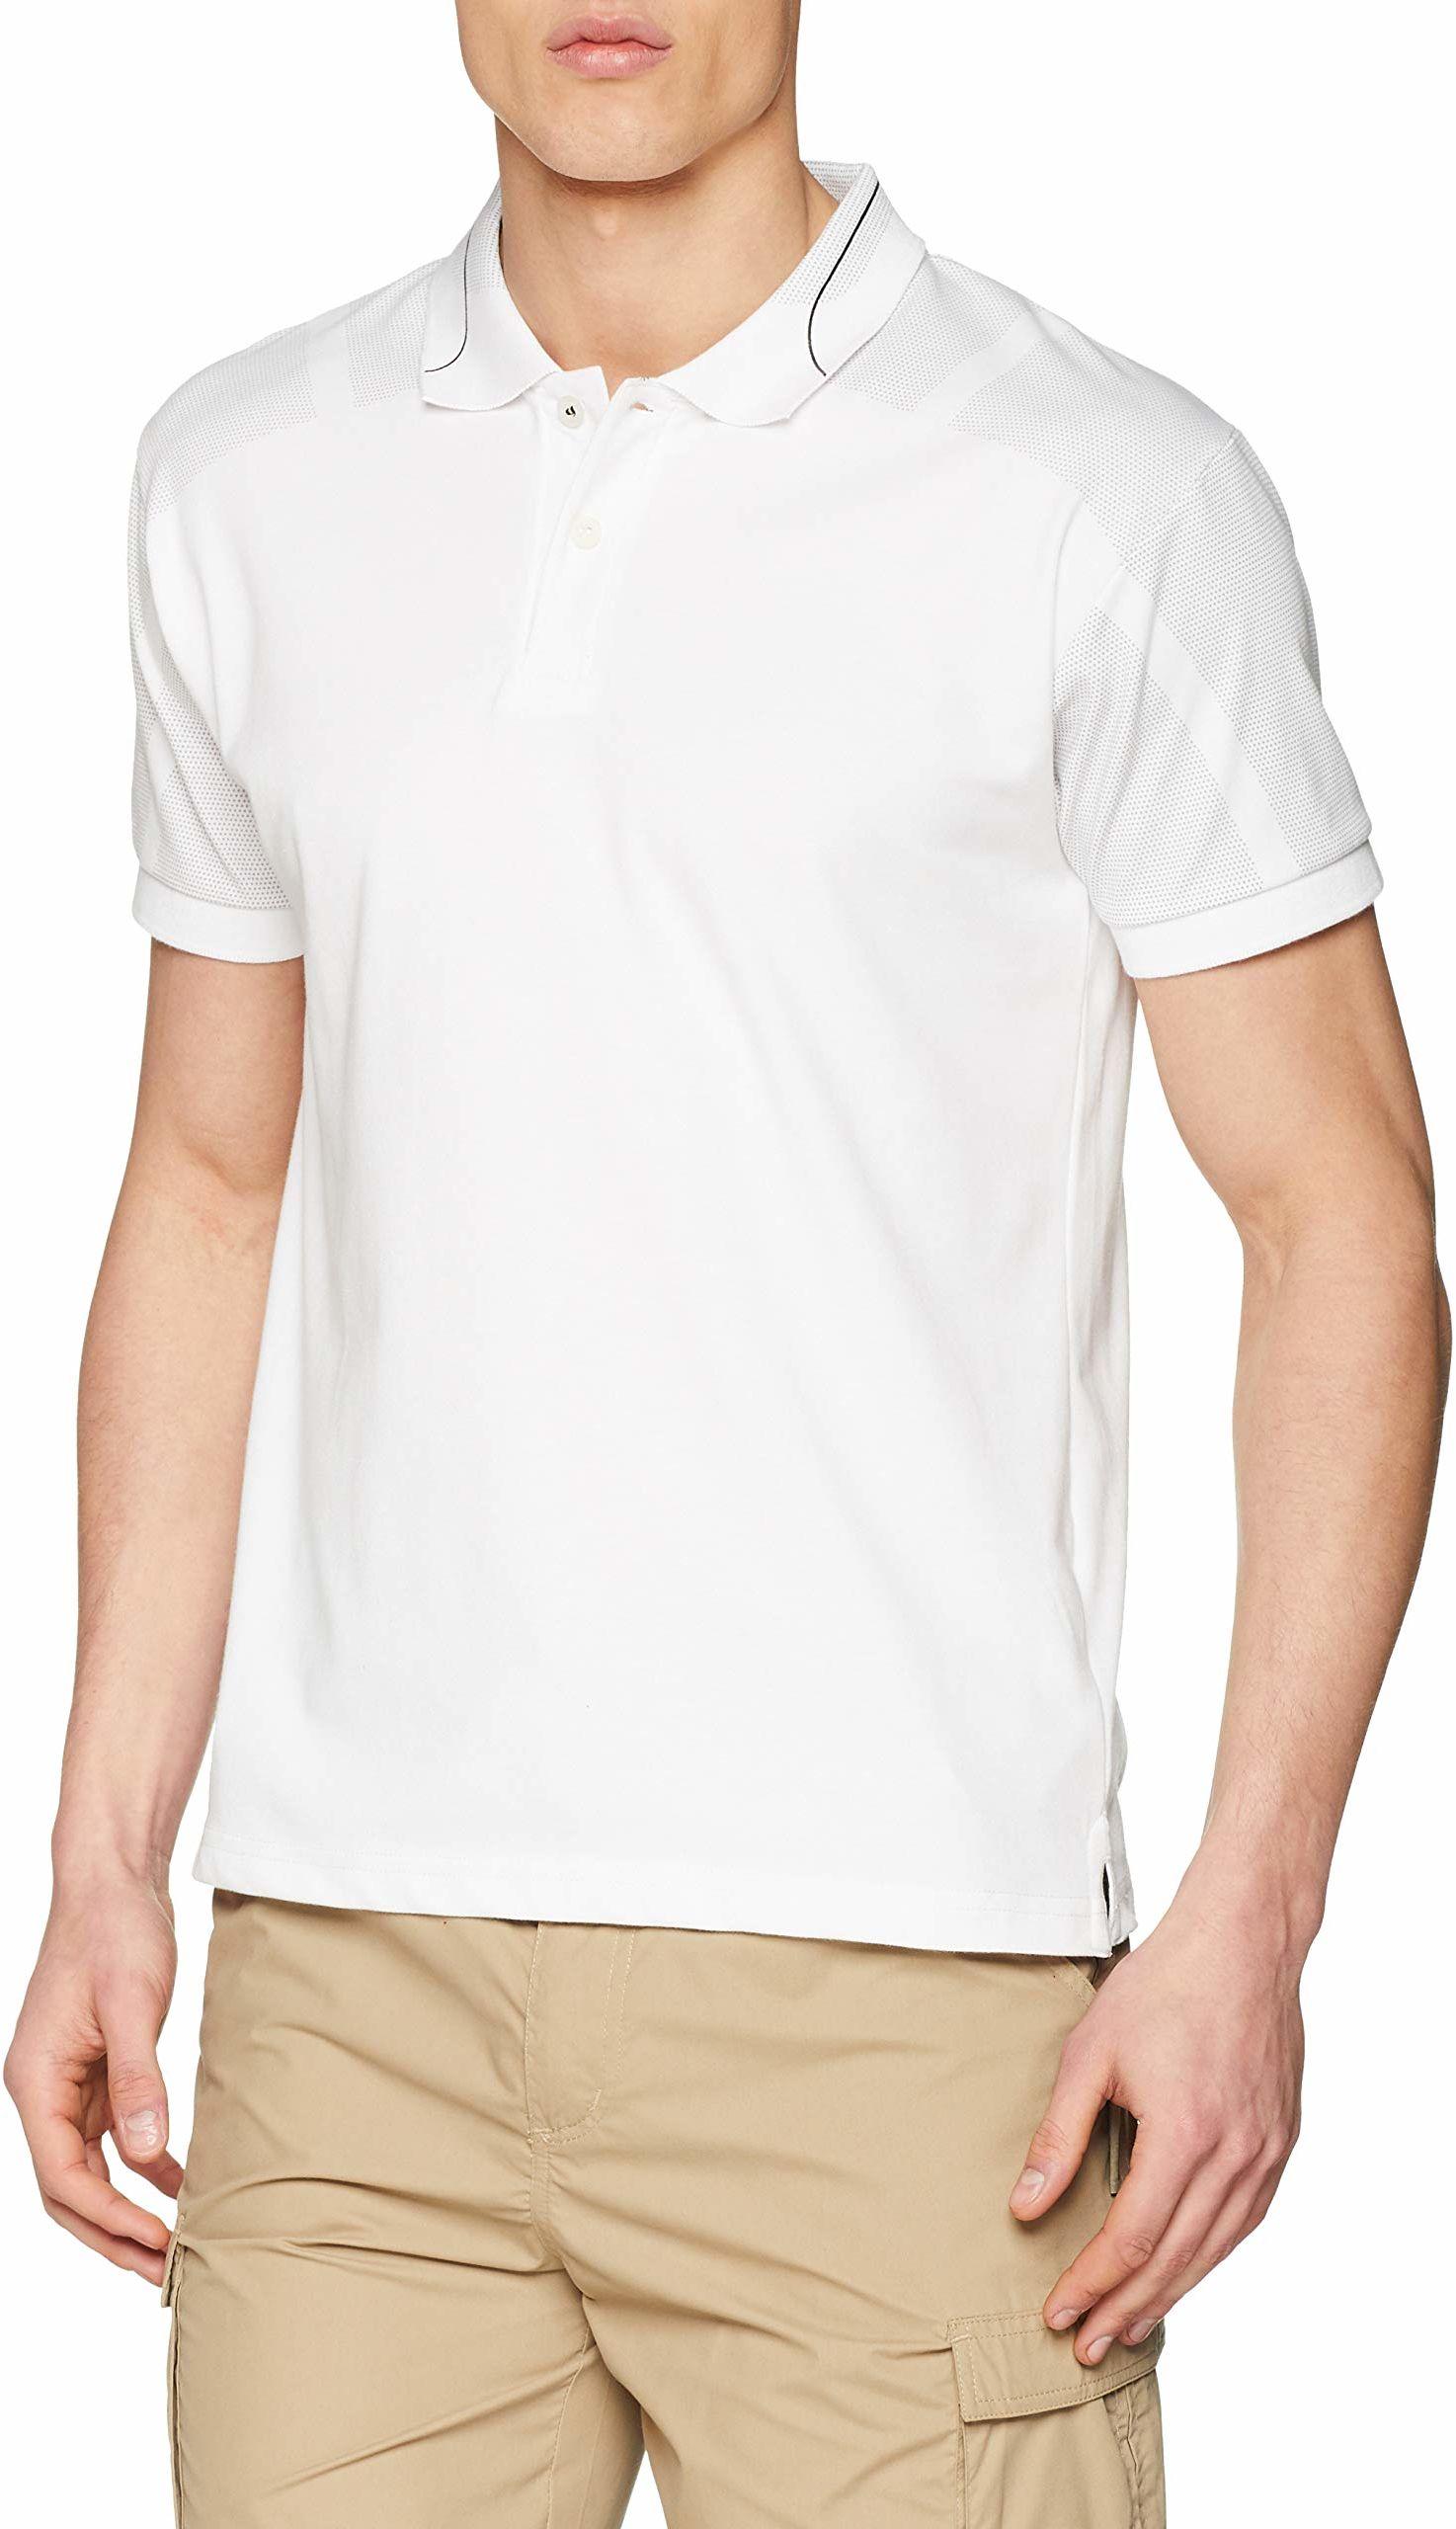 Schwarzwolf męska koszulka polo Maladeta biały biały M